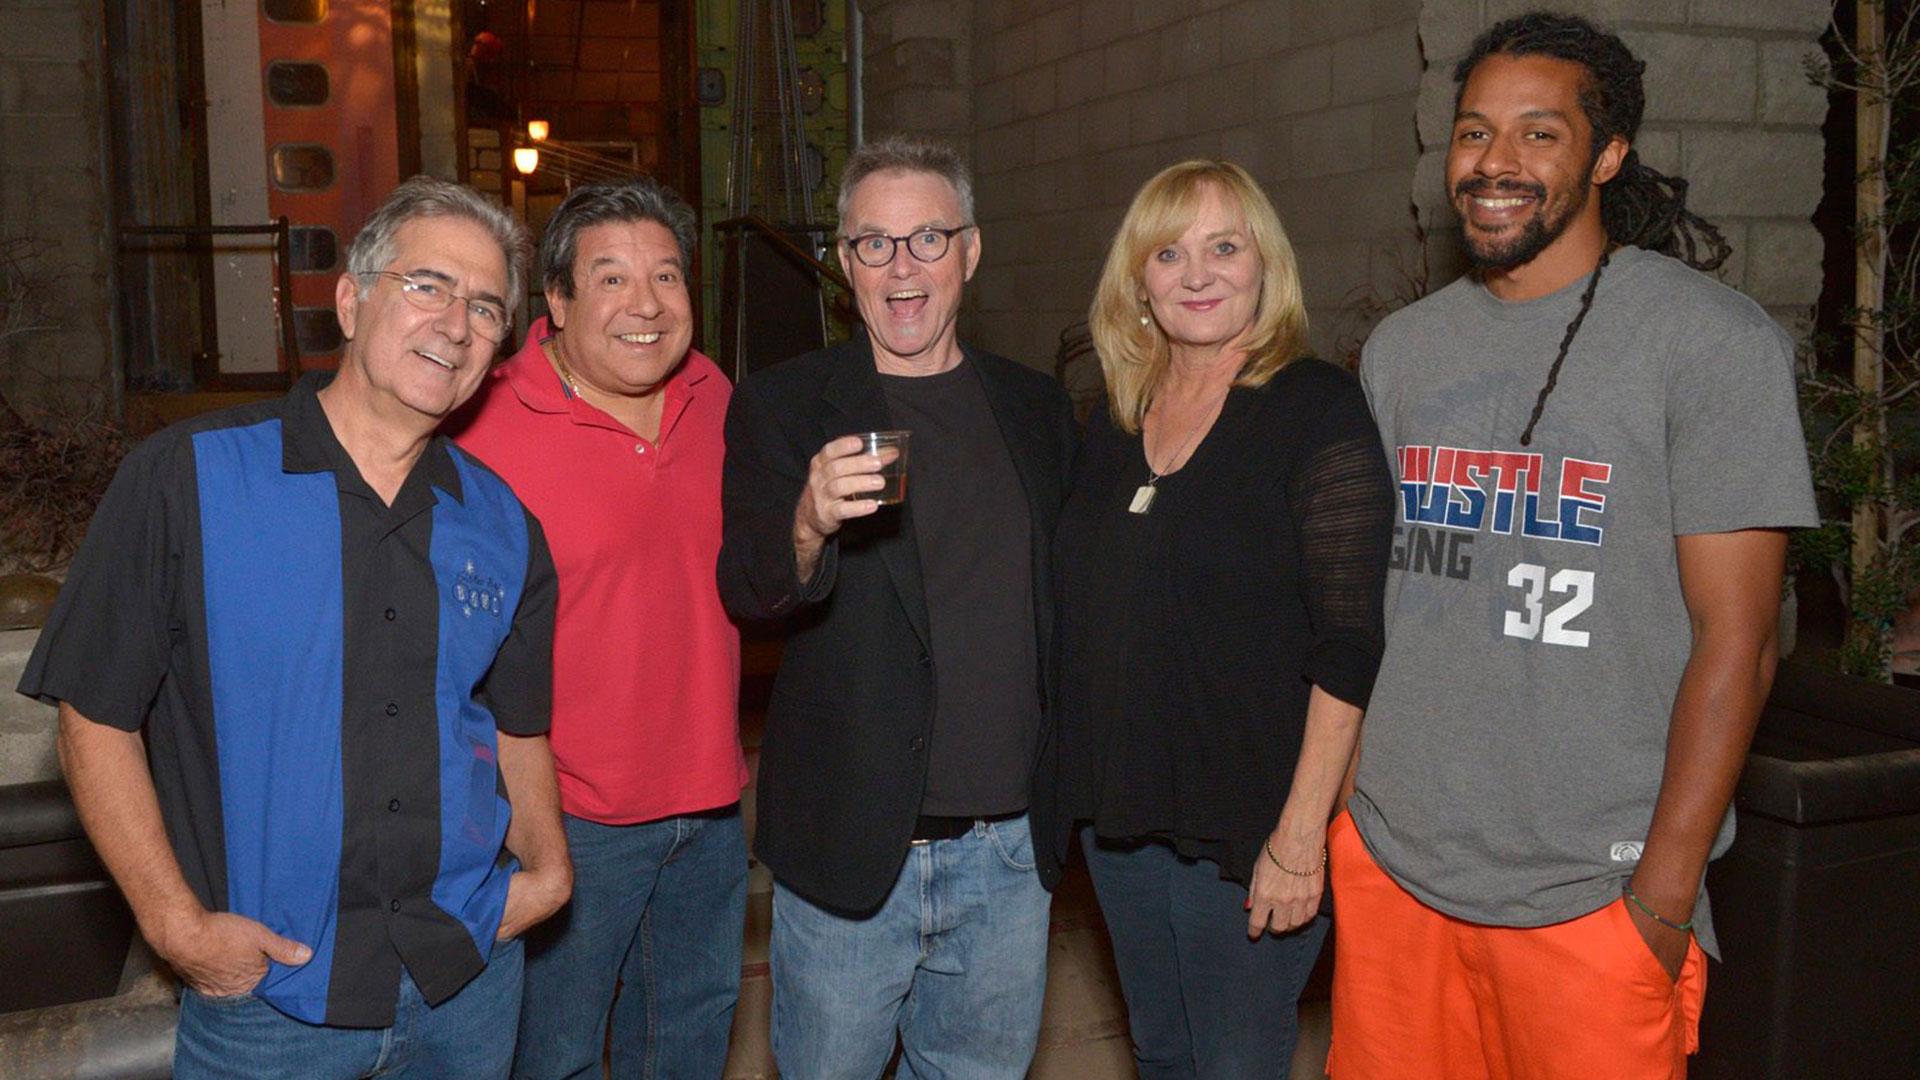 Nancy Stanley with men